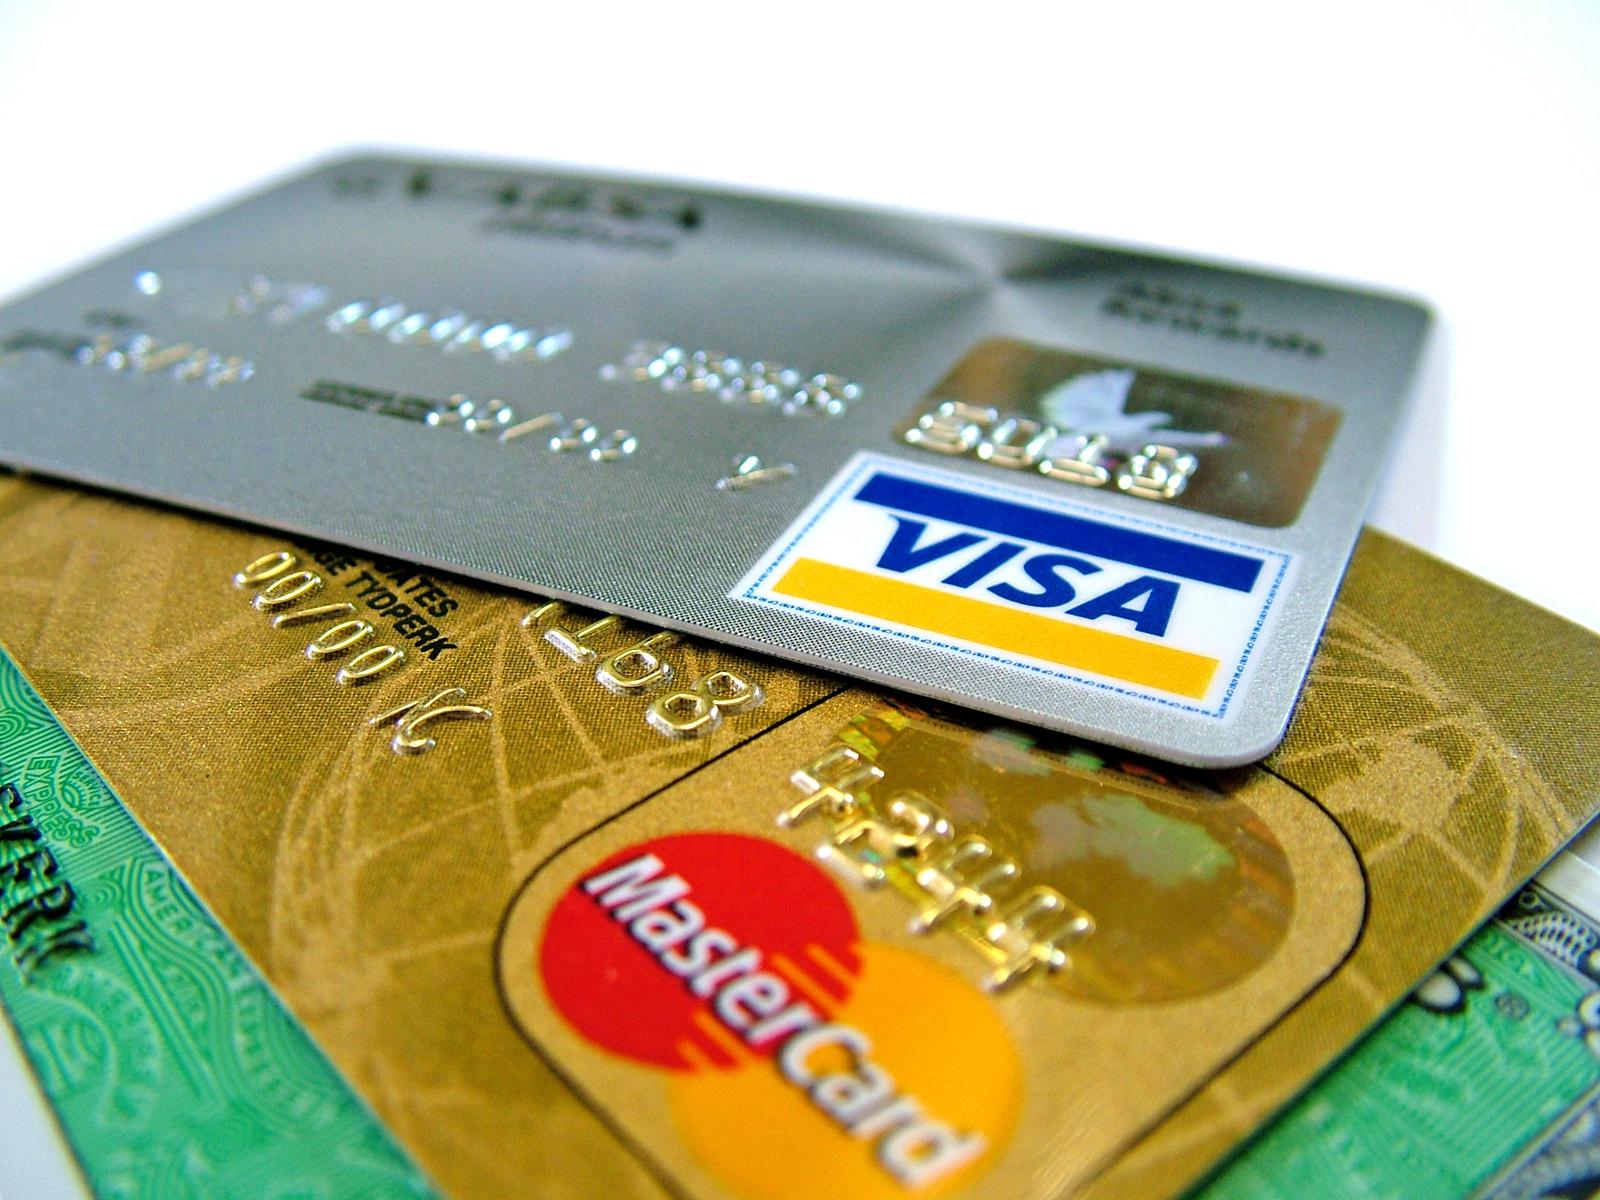 كيف أشتري من النت ببطاقة الصراف